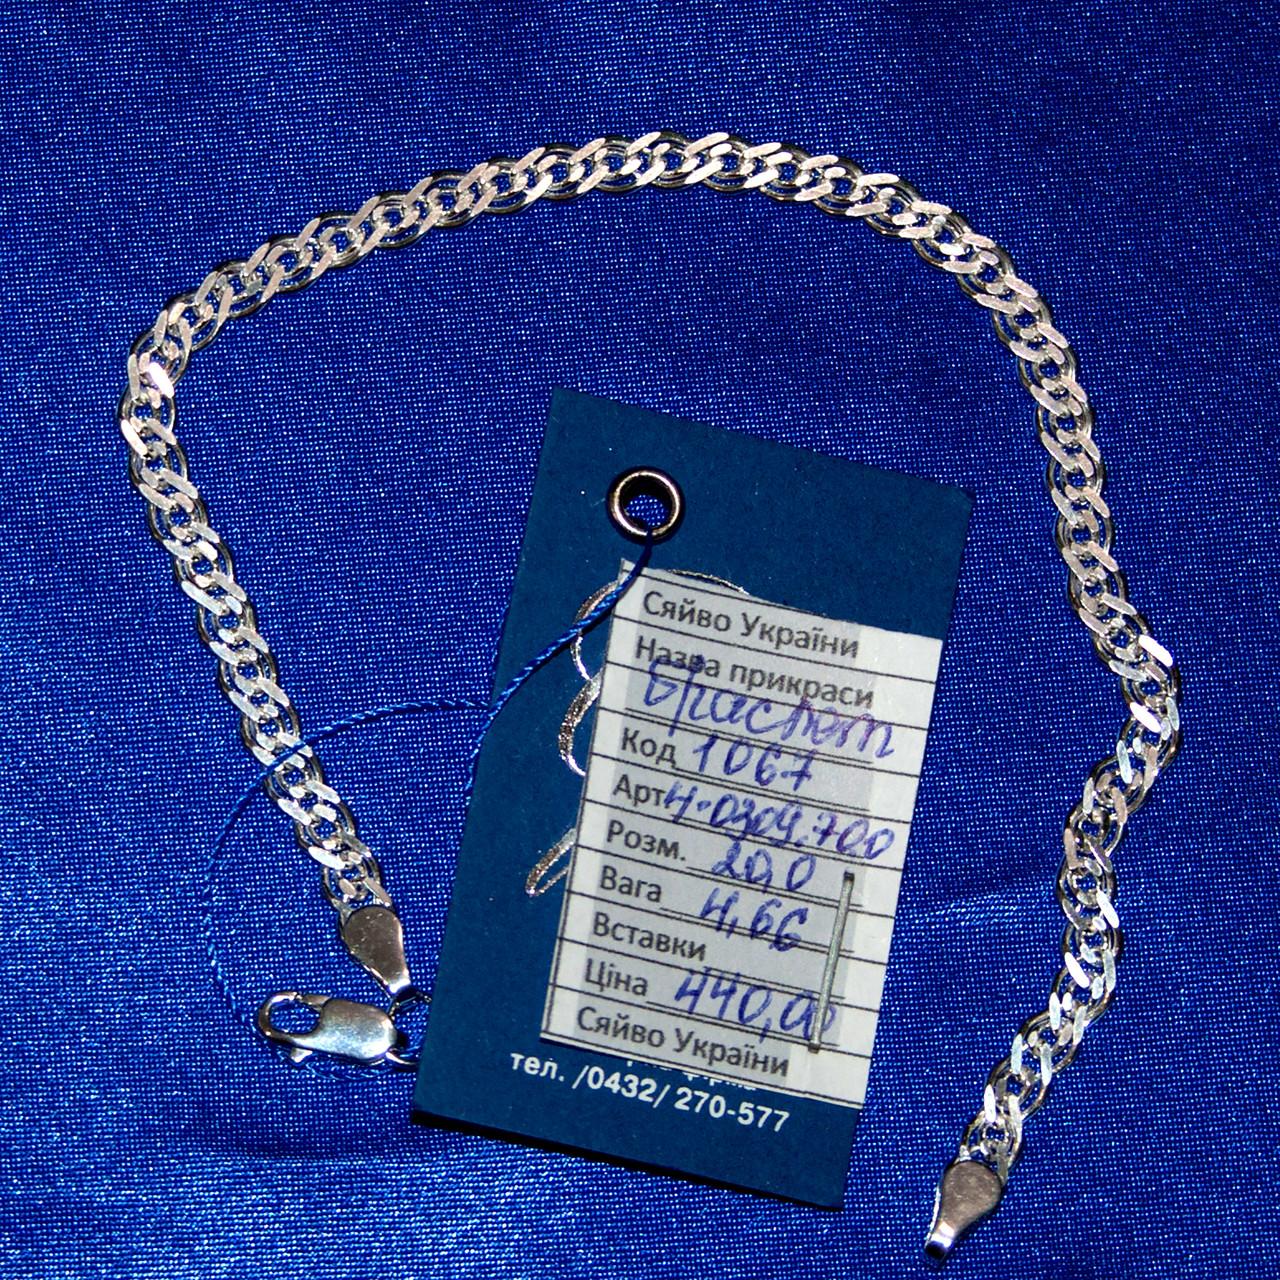 Розкішний срібний браслет - Интернет-магазин ювелирных изделий из серебра